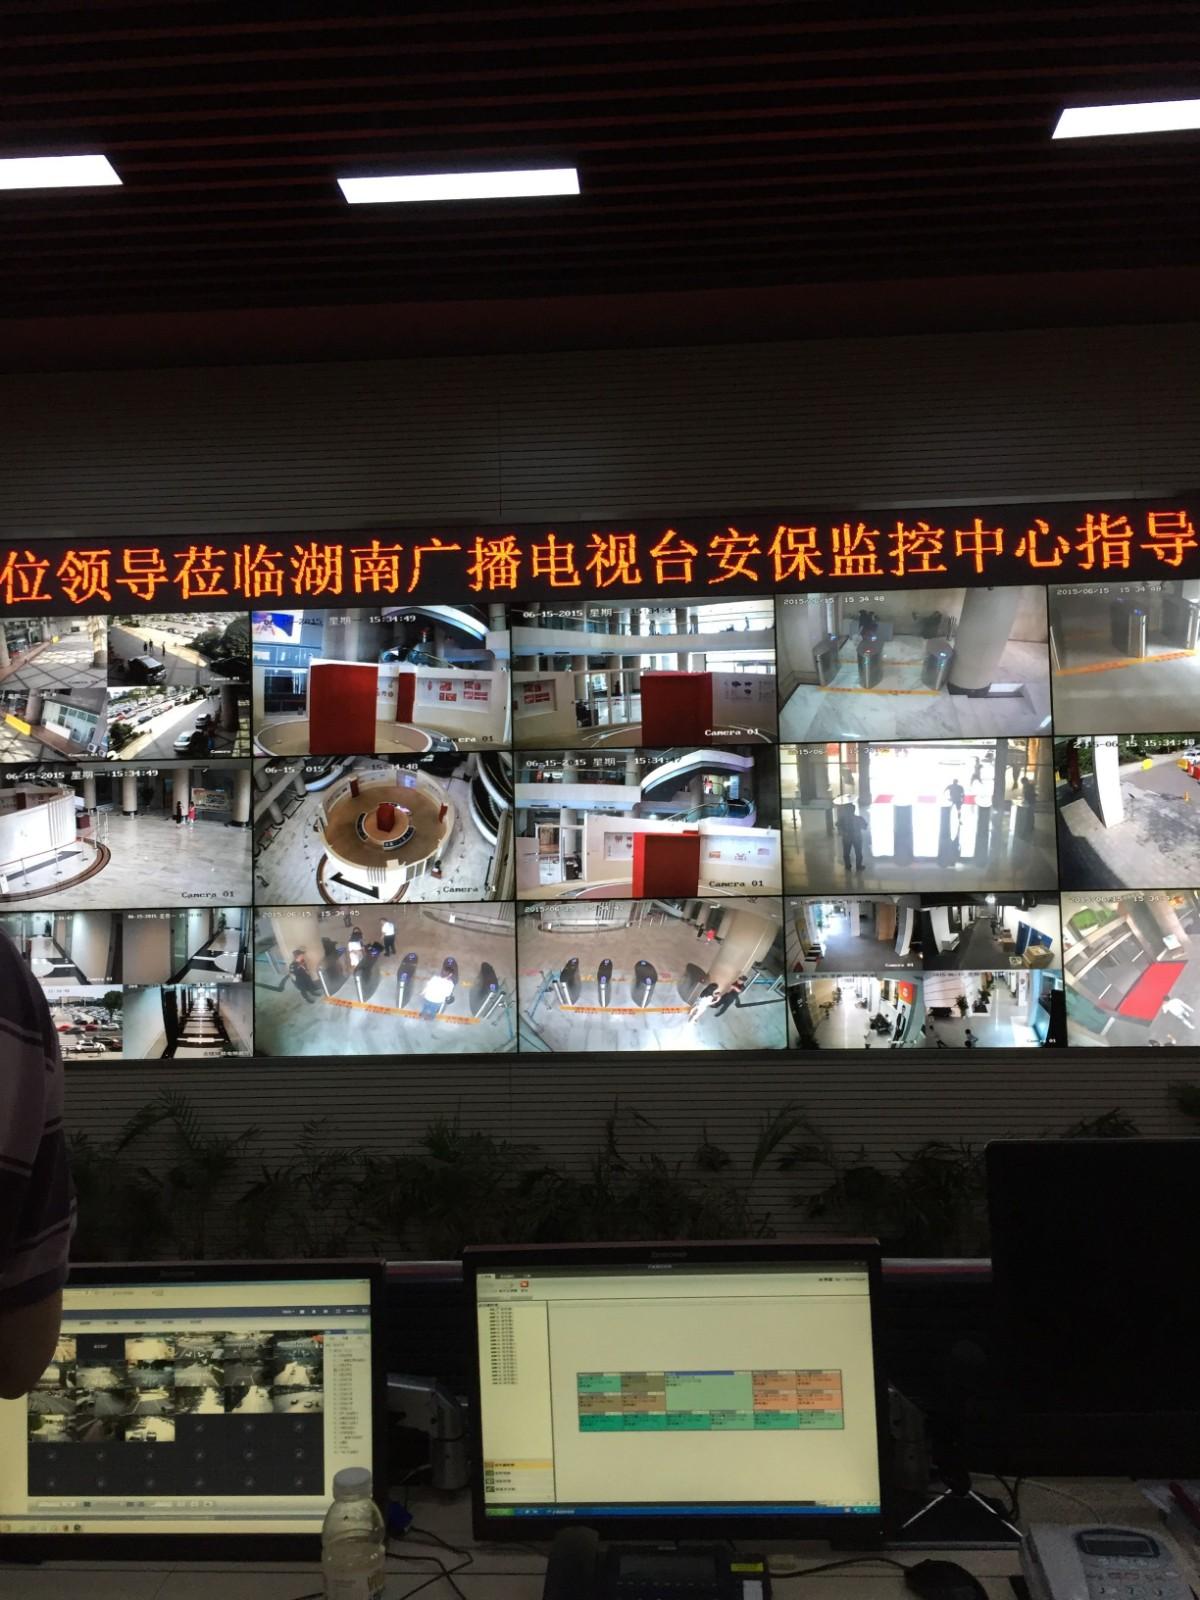 广电电视墙